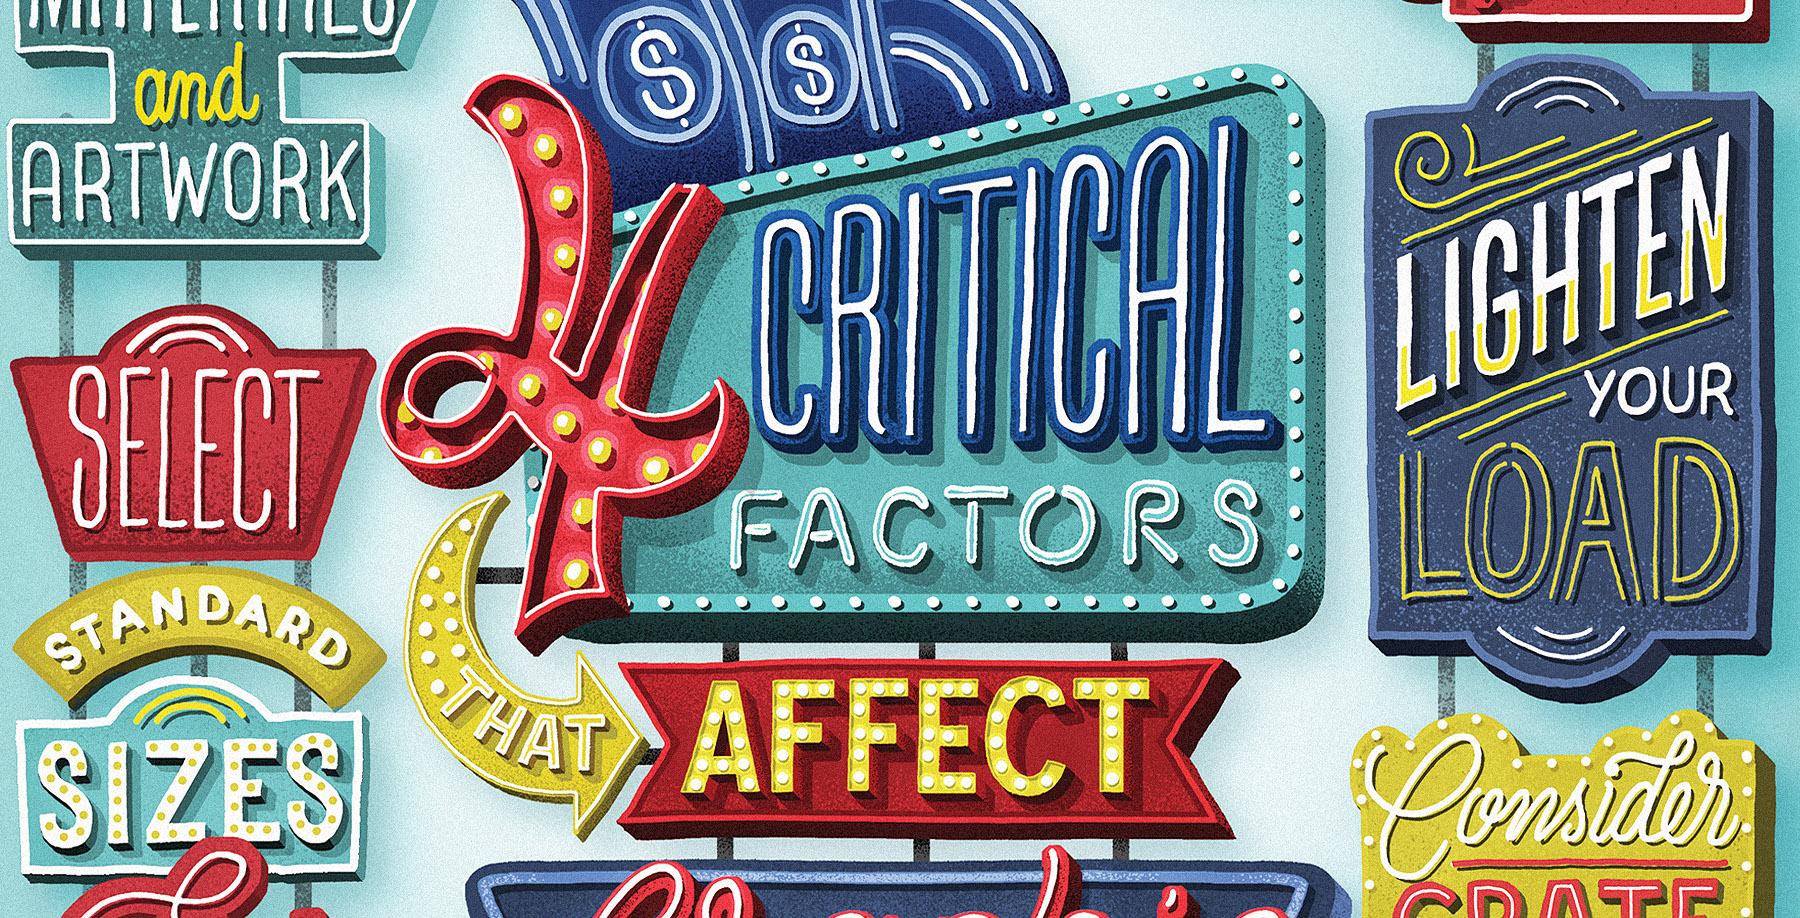 4CriticalFactorsHeader.jpg